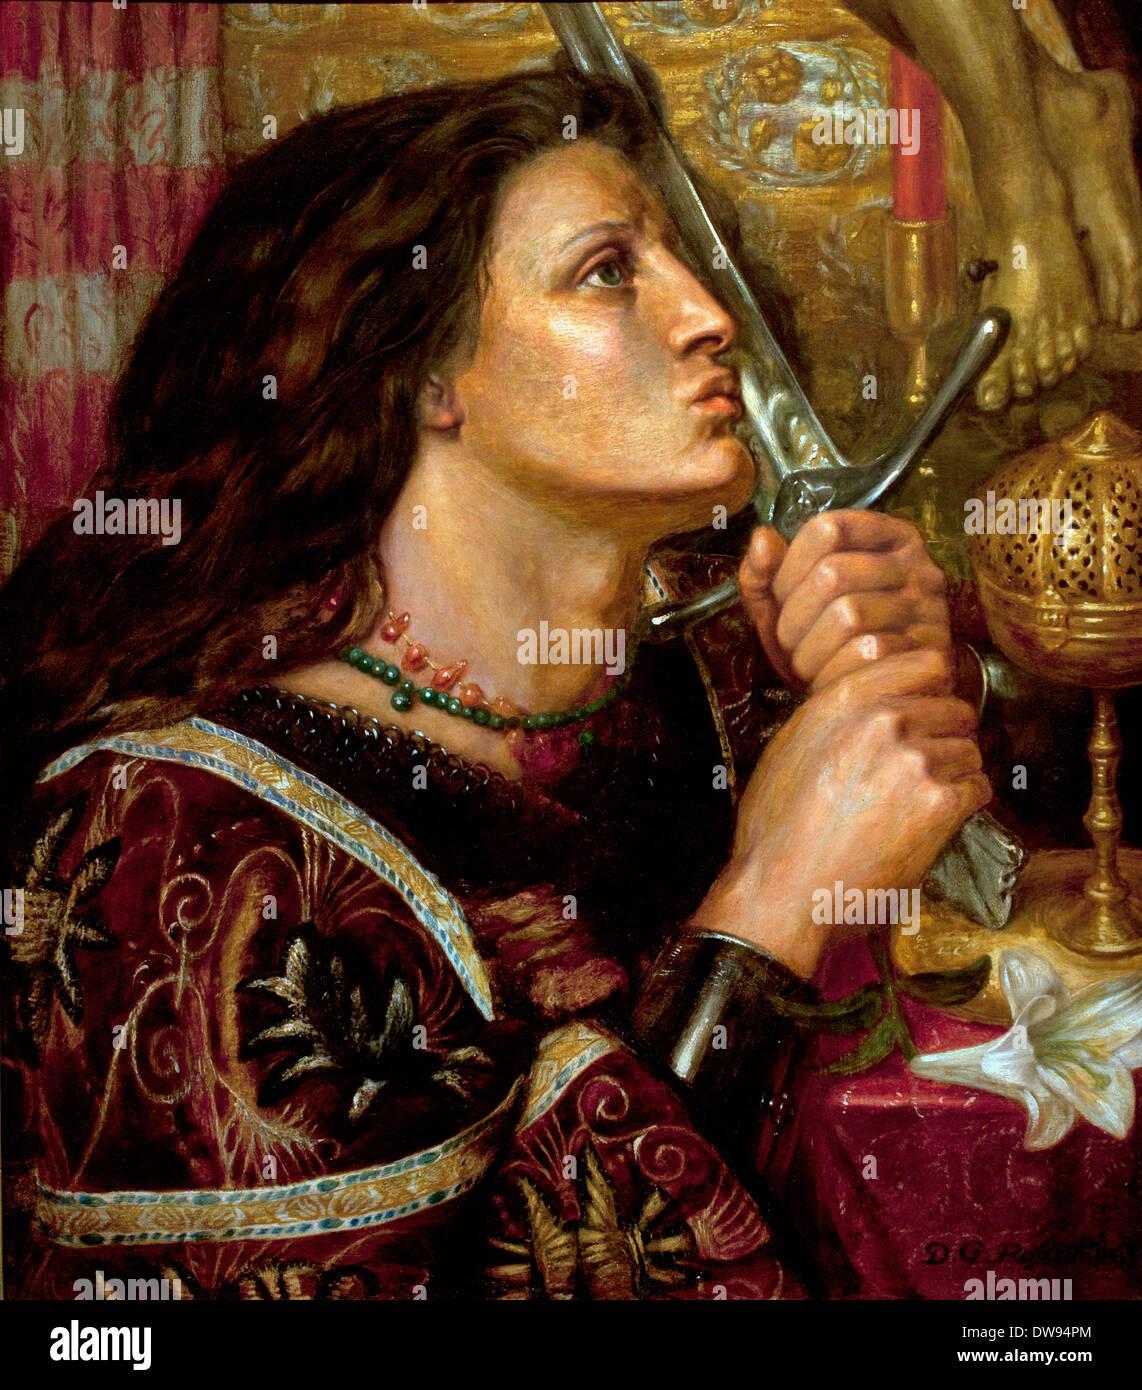 Besos Juana de Arco la espada de la Liberación Francia) 1863 Dante Gabriel Rossetti (1828-1882) Italia italiano Imagen De Stock